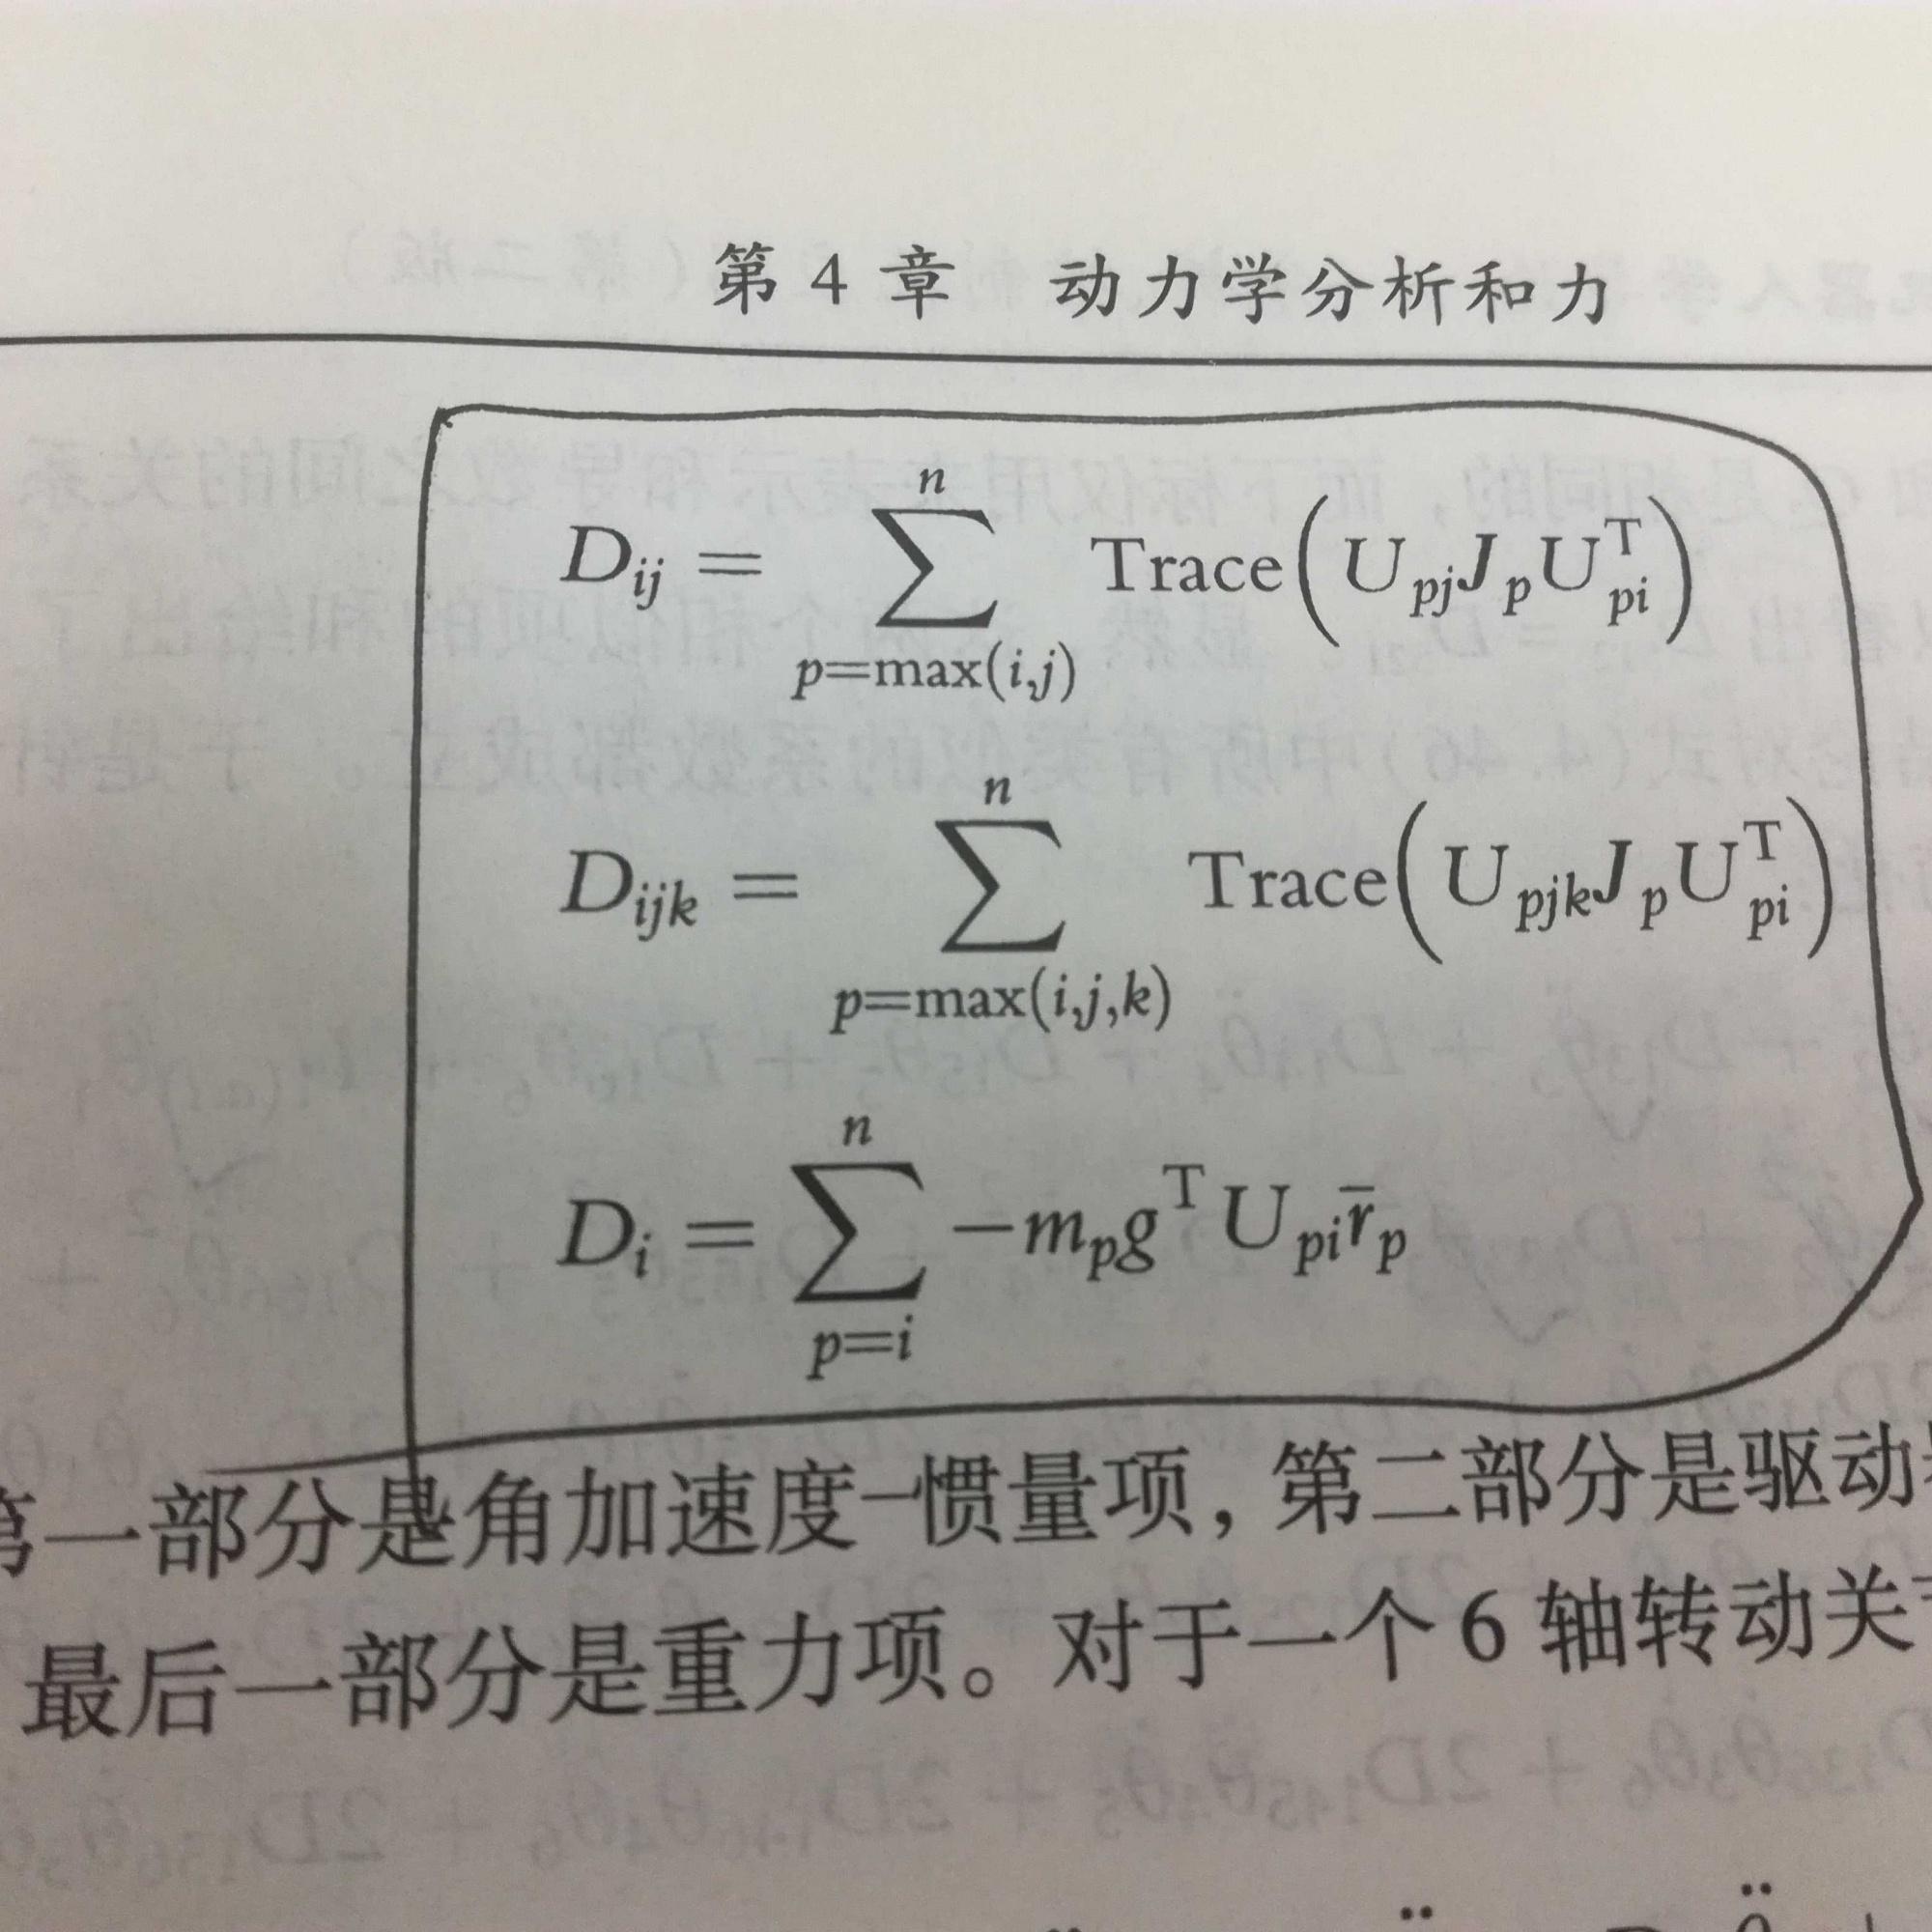 请问各位在labview MathScript节点中 以下这个机器人的动力学公式应该怎么编写呢?